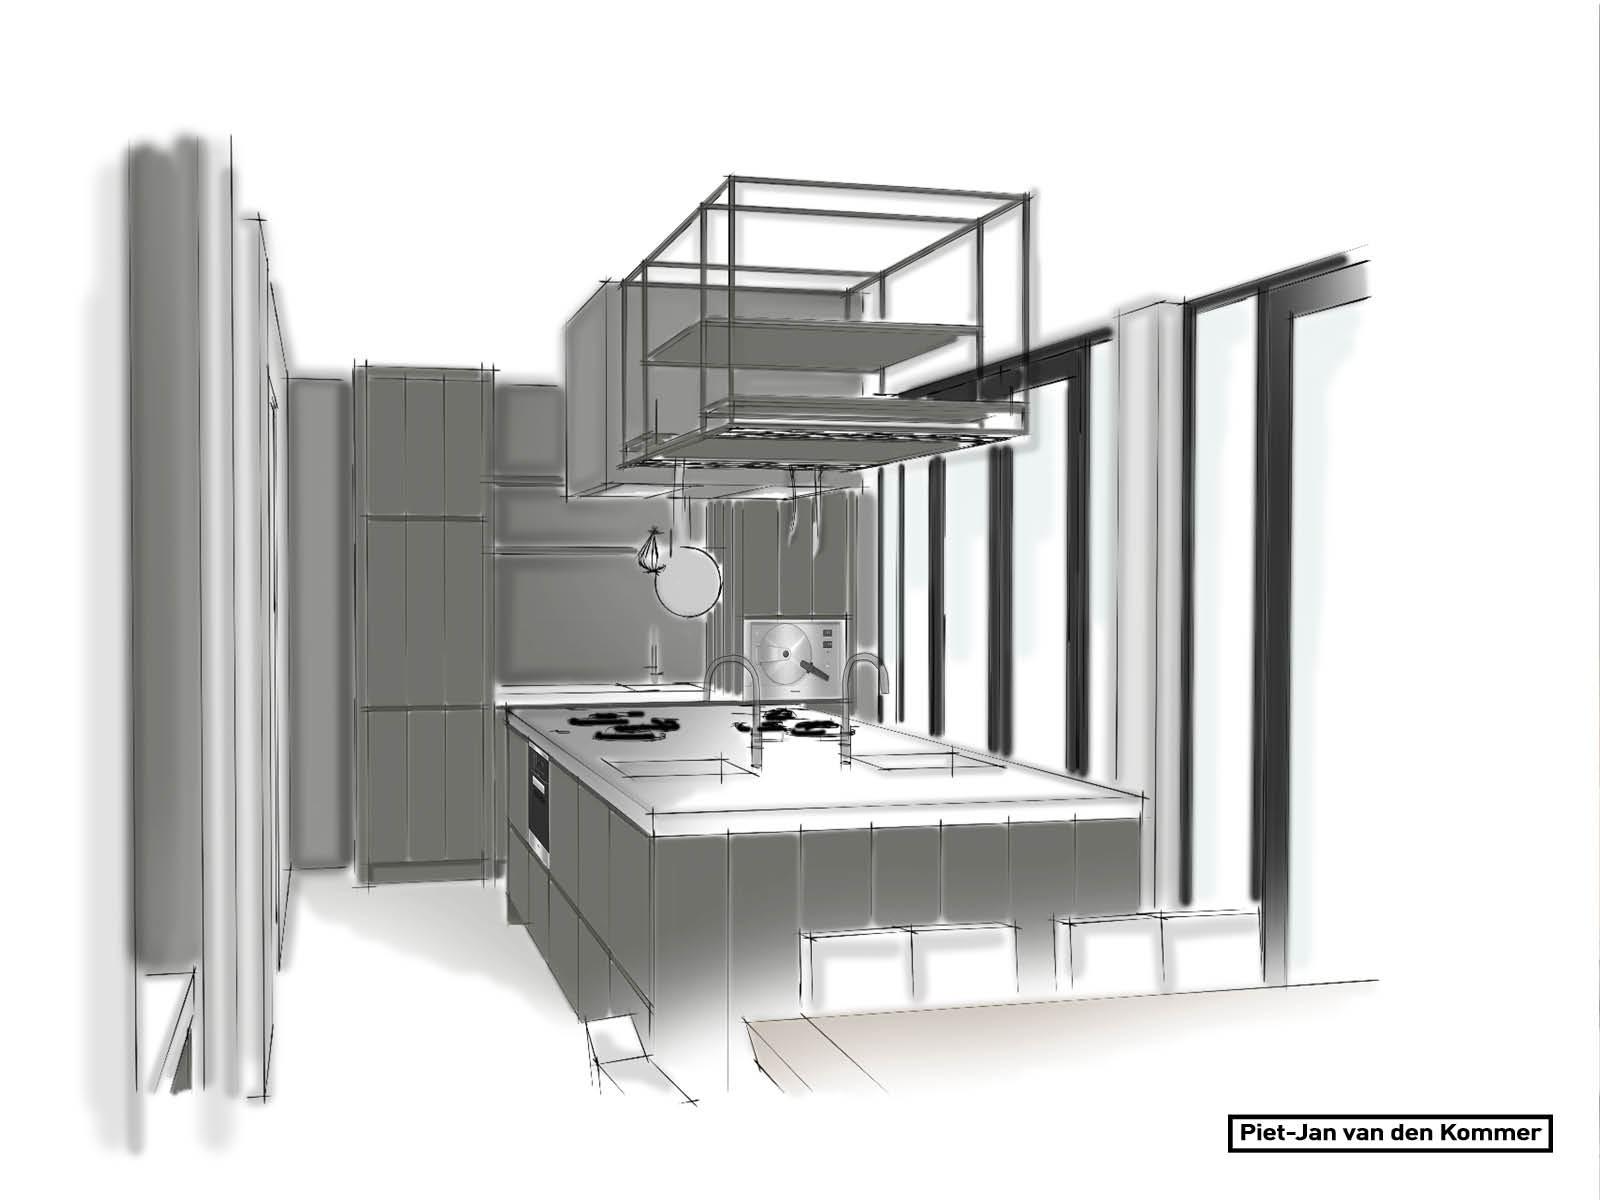 Maatwerk-interieur-design-keuken